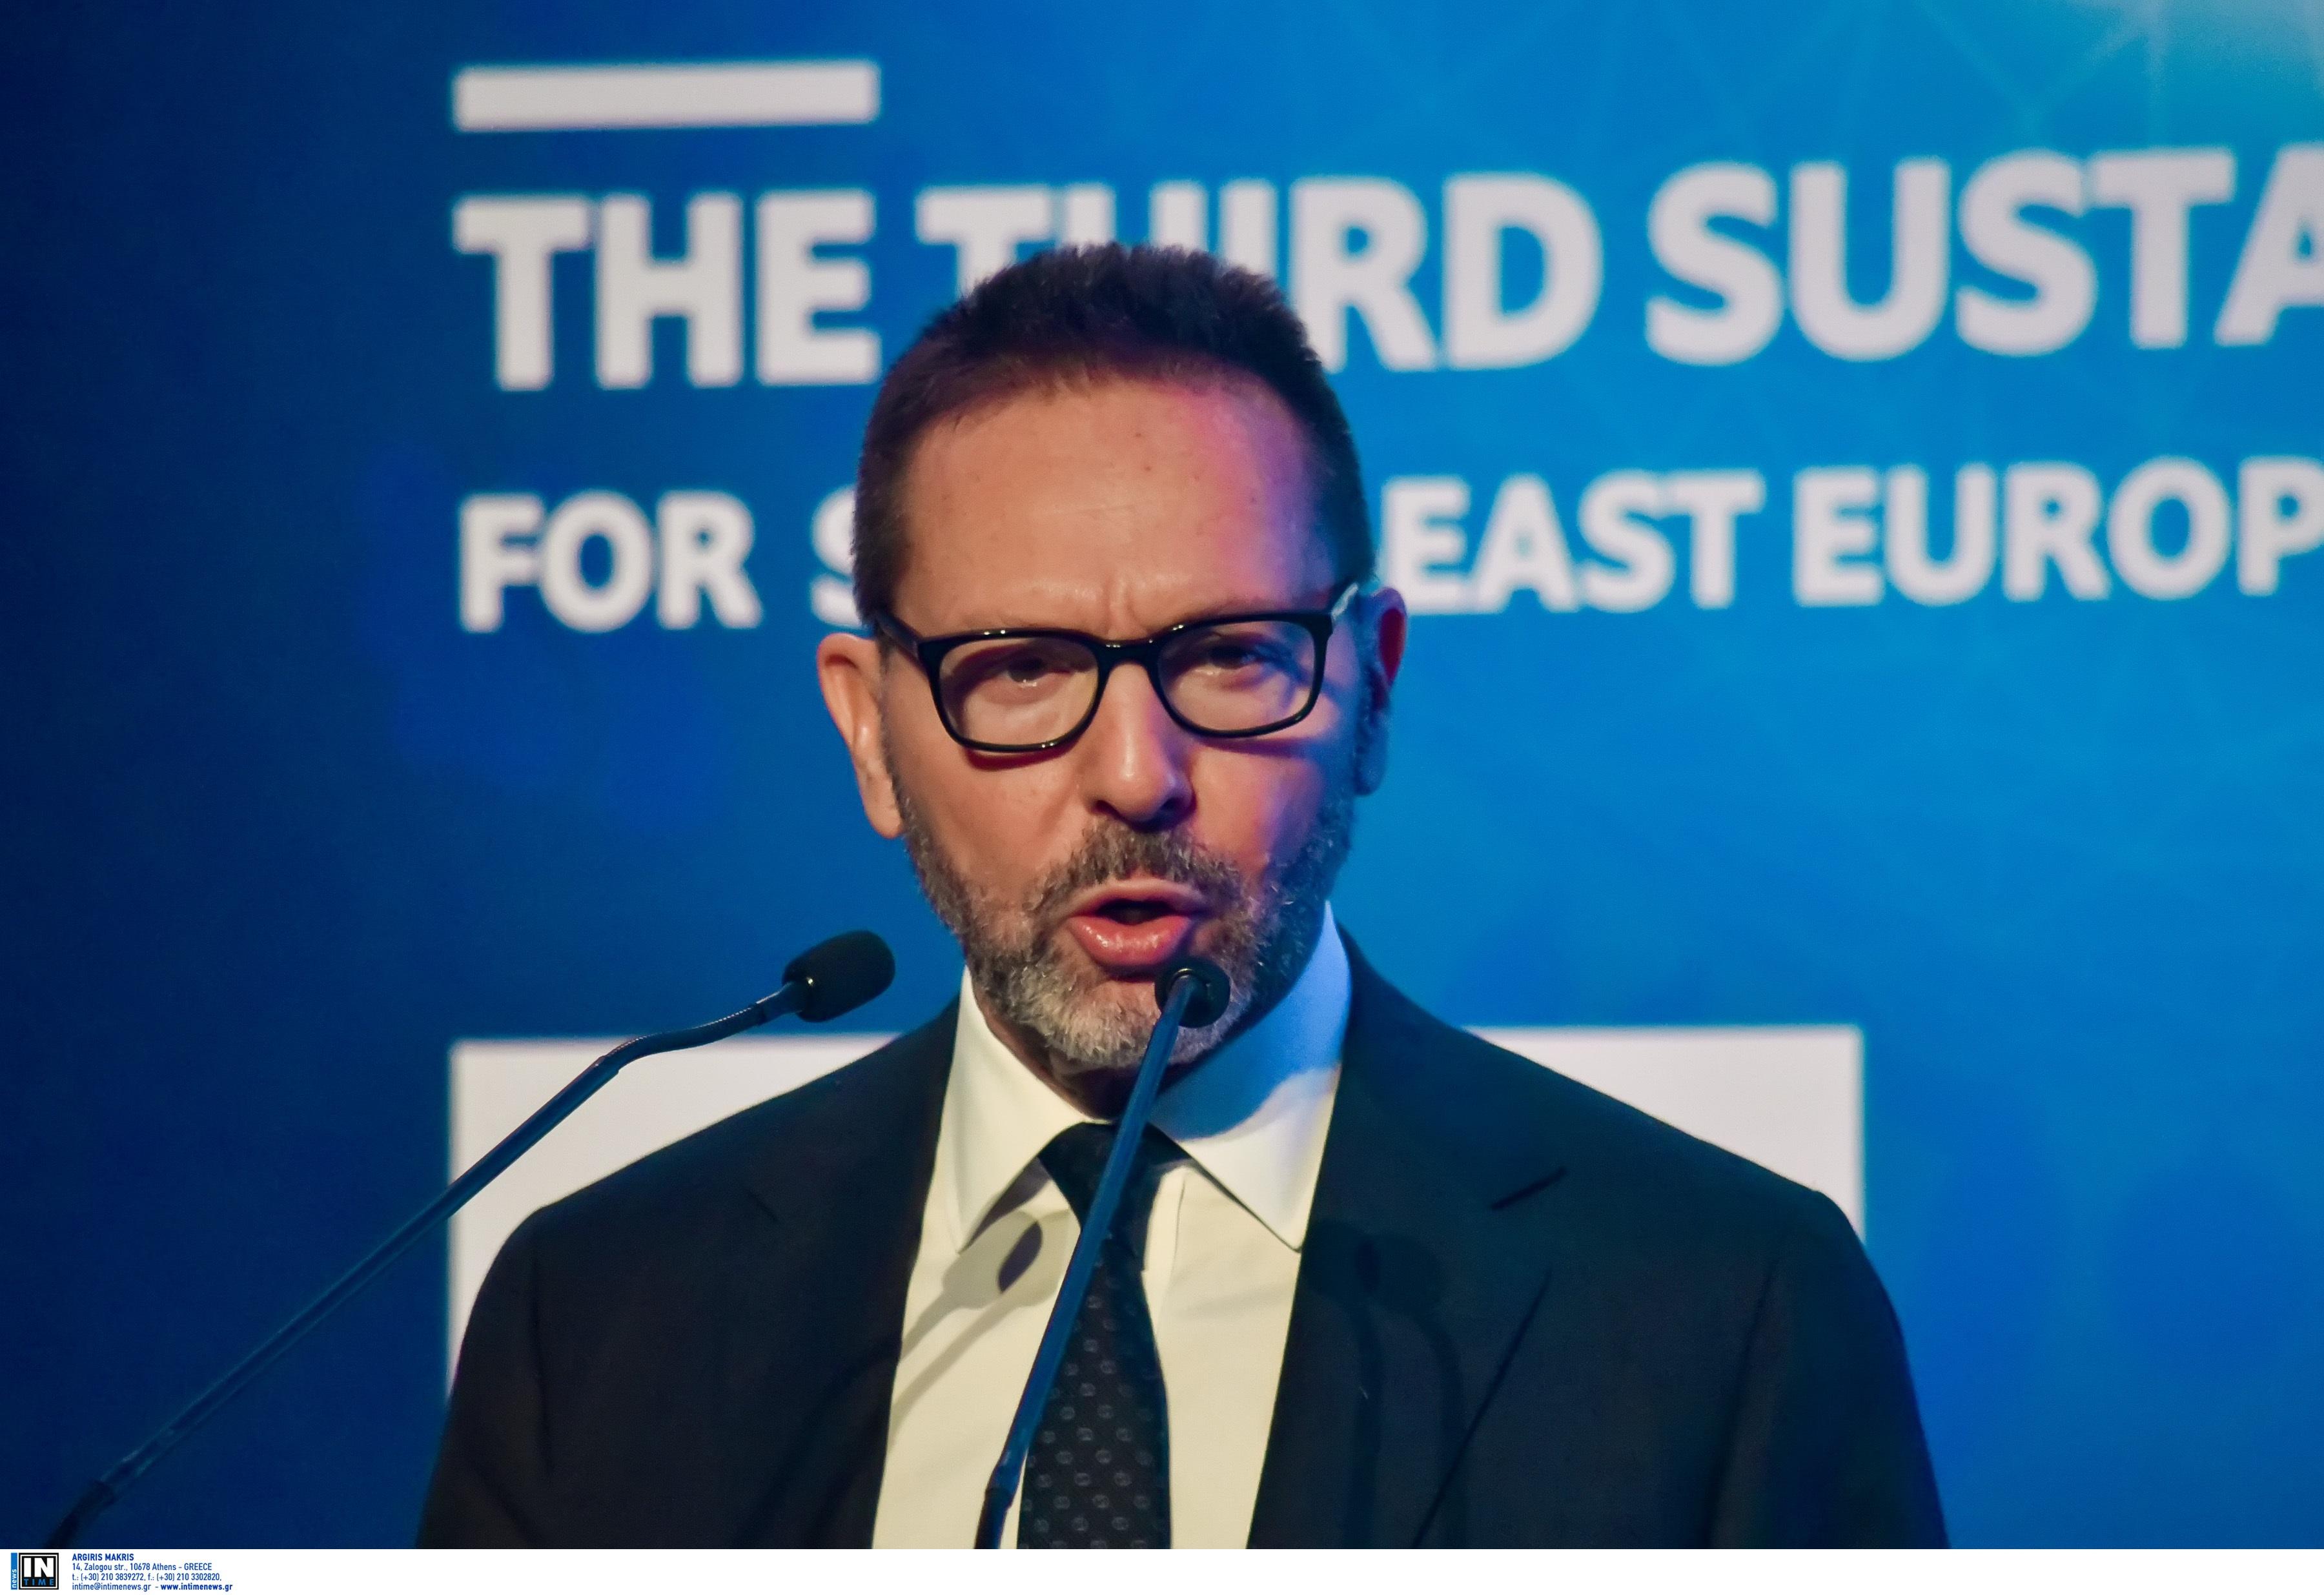 Στουρνάρας στην Handelsblatt: Απαιτείται μεγαλύτερη δημοσιονομική στήριξη στην ΕΕ